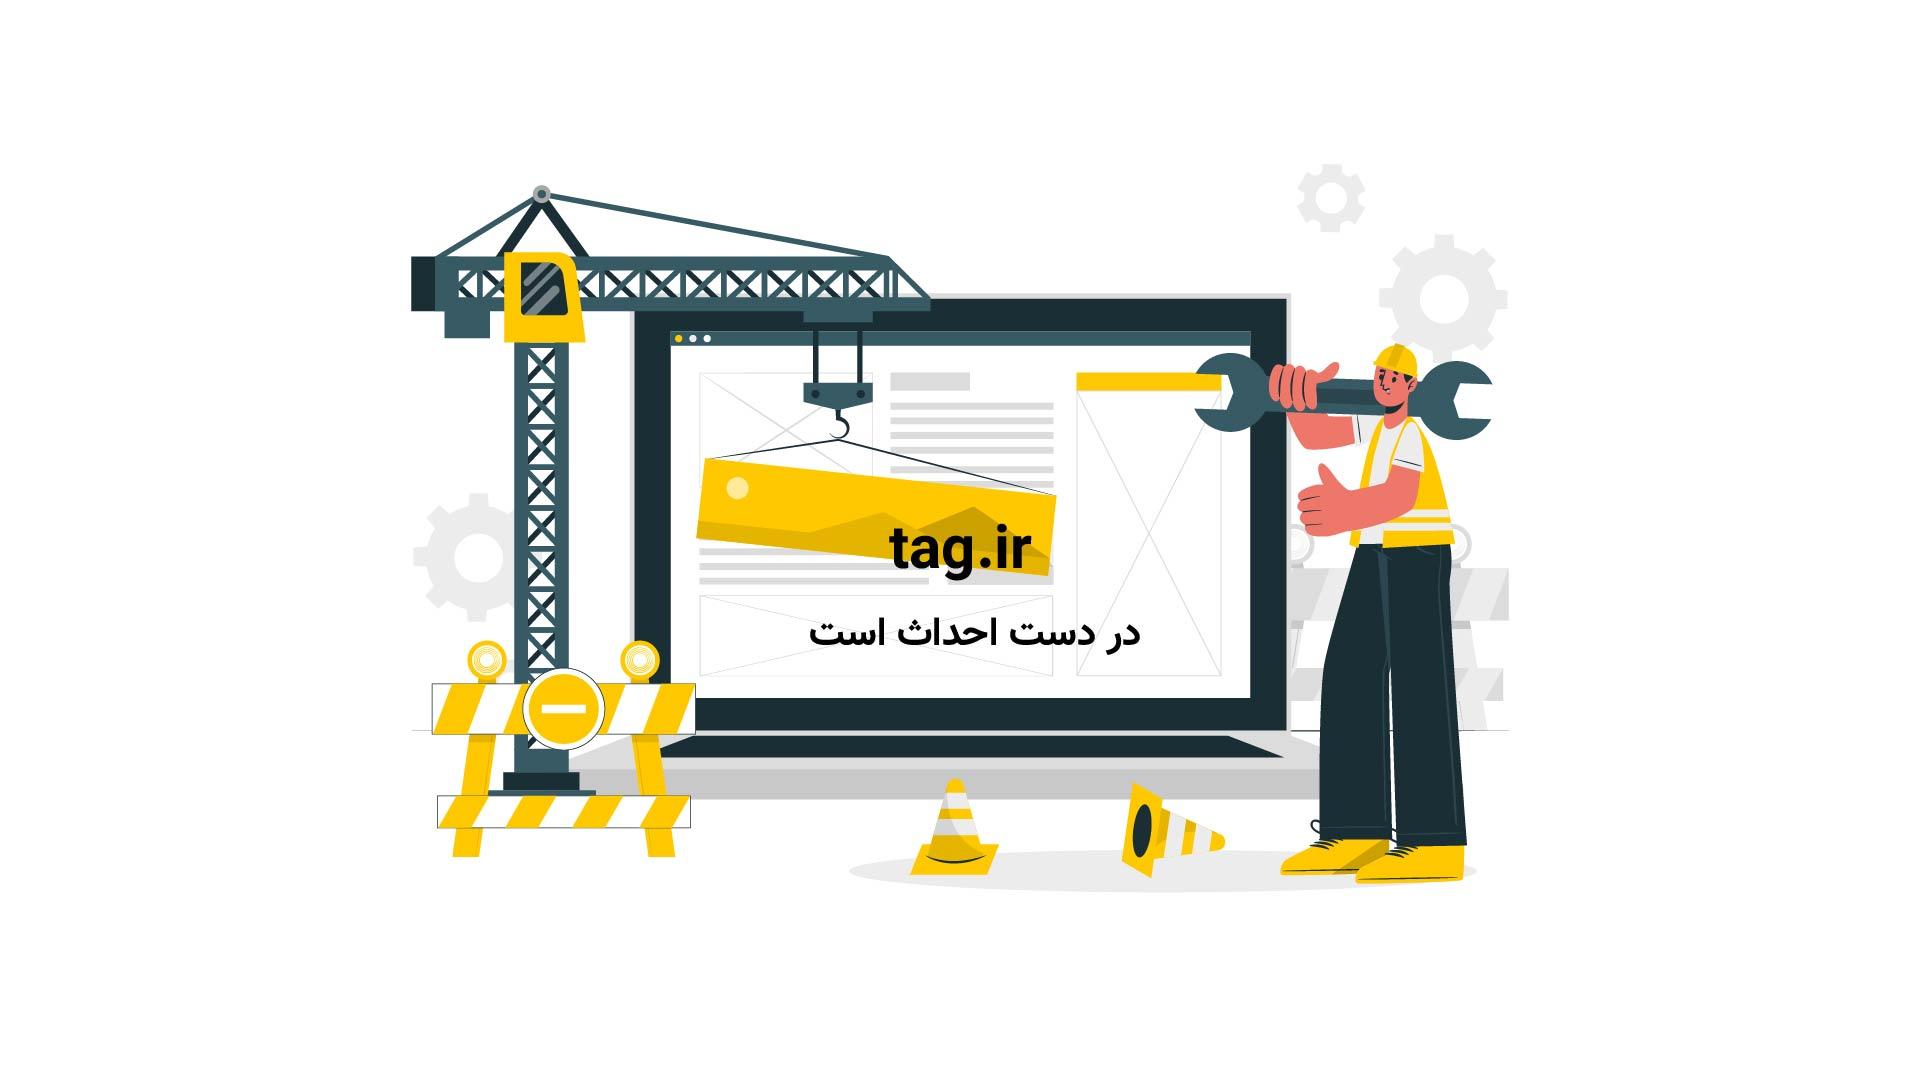 حاج منصور ارضی | تگ